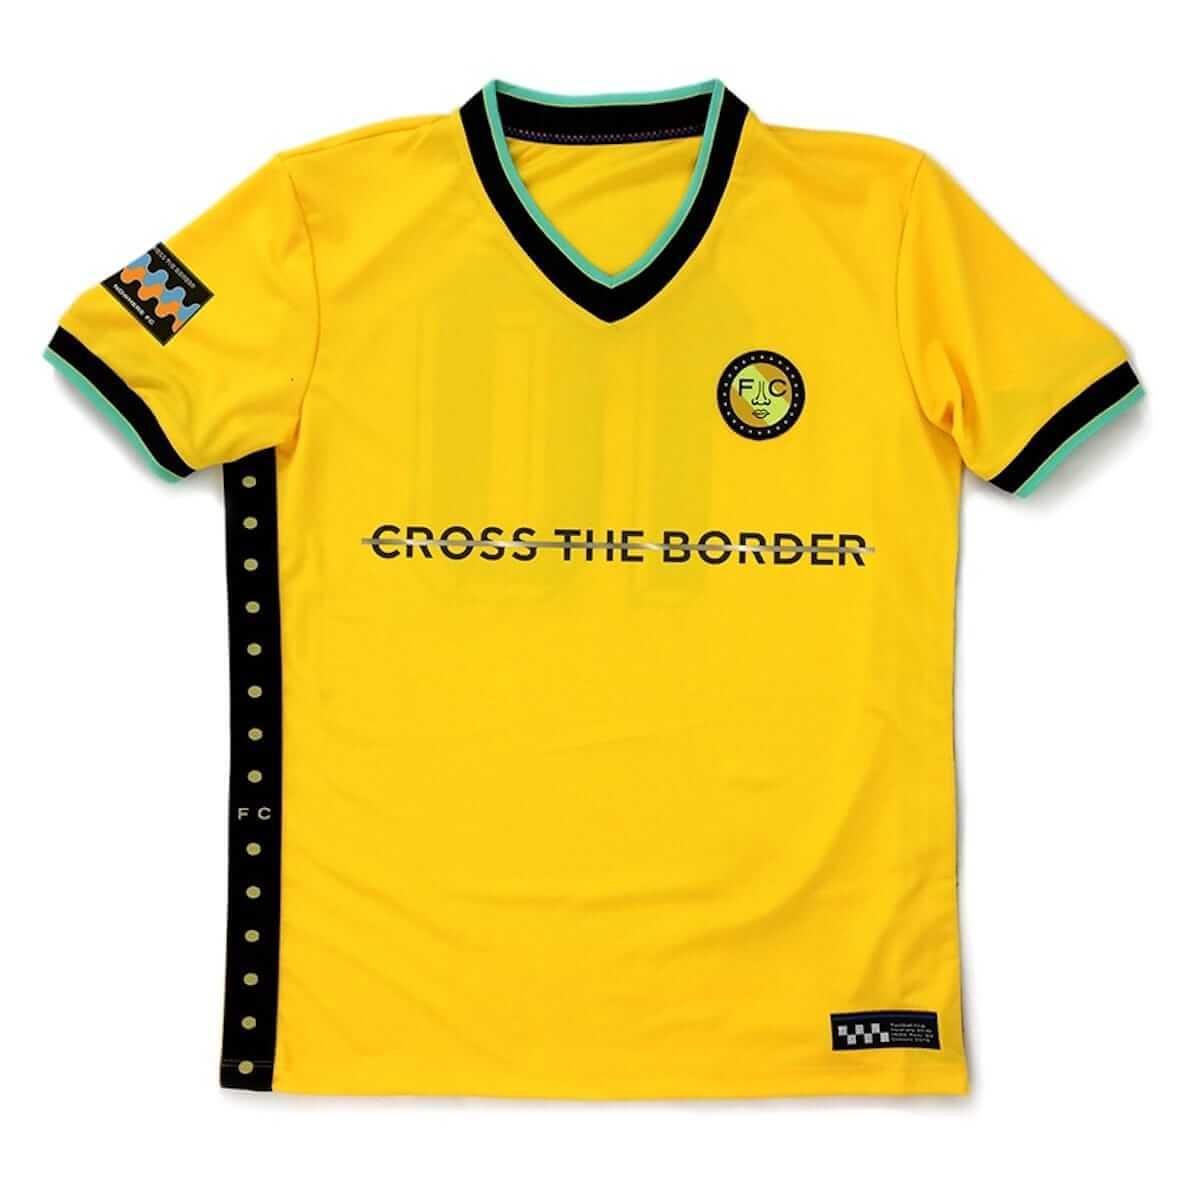 ニューヨークで話題のストリートサッカークラブNowhere FC×CROSS THE BORDER、コラボ商品ローンチパーティーレポート life180621-nowhereFC12-1200x1200